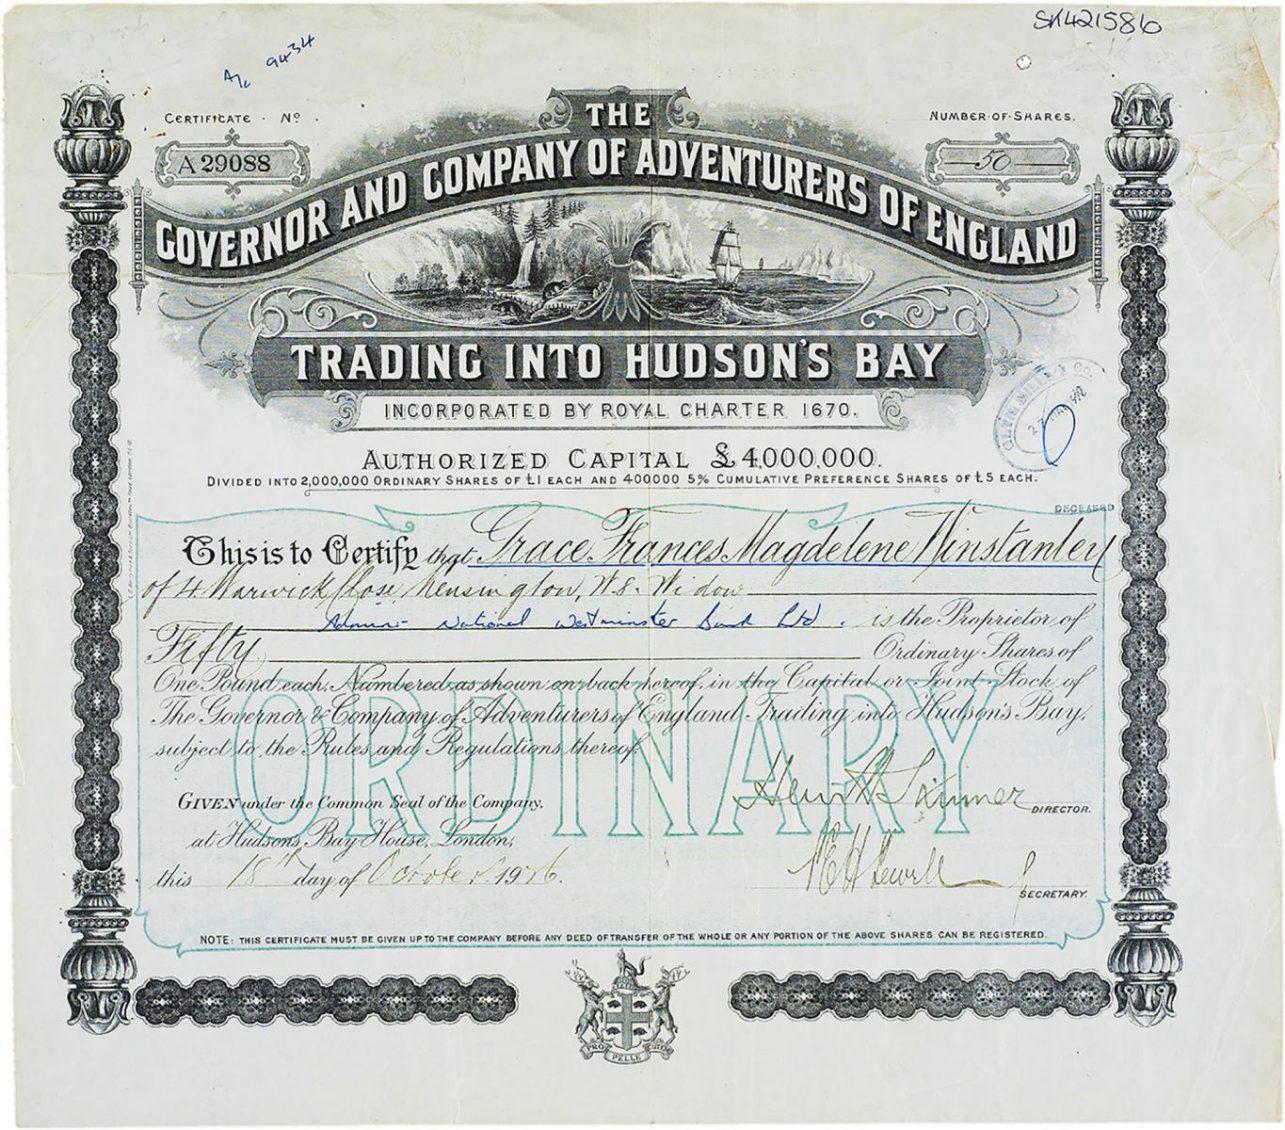 Certificat imprimé à l'encre noire présentant des motifs géométriques complexes et l'image de terres riches et de navires voguant sur les mers arctiques.